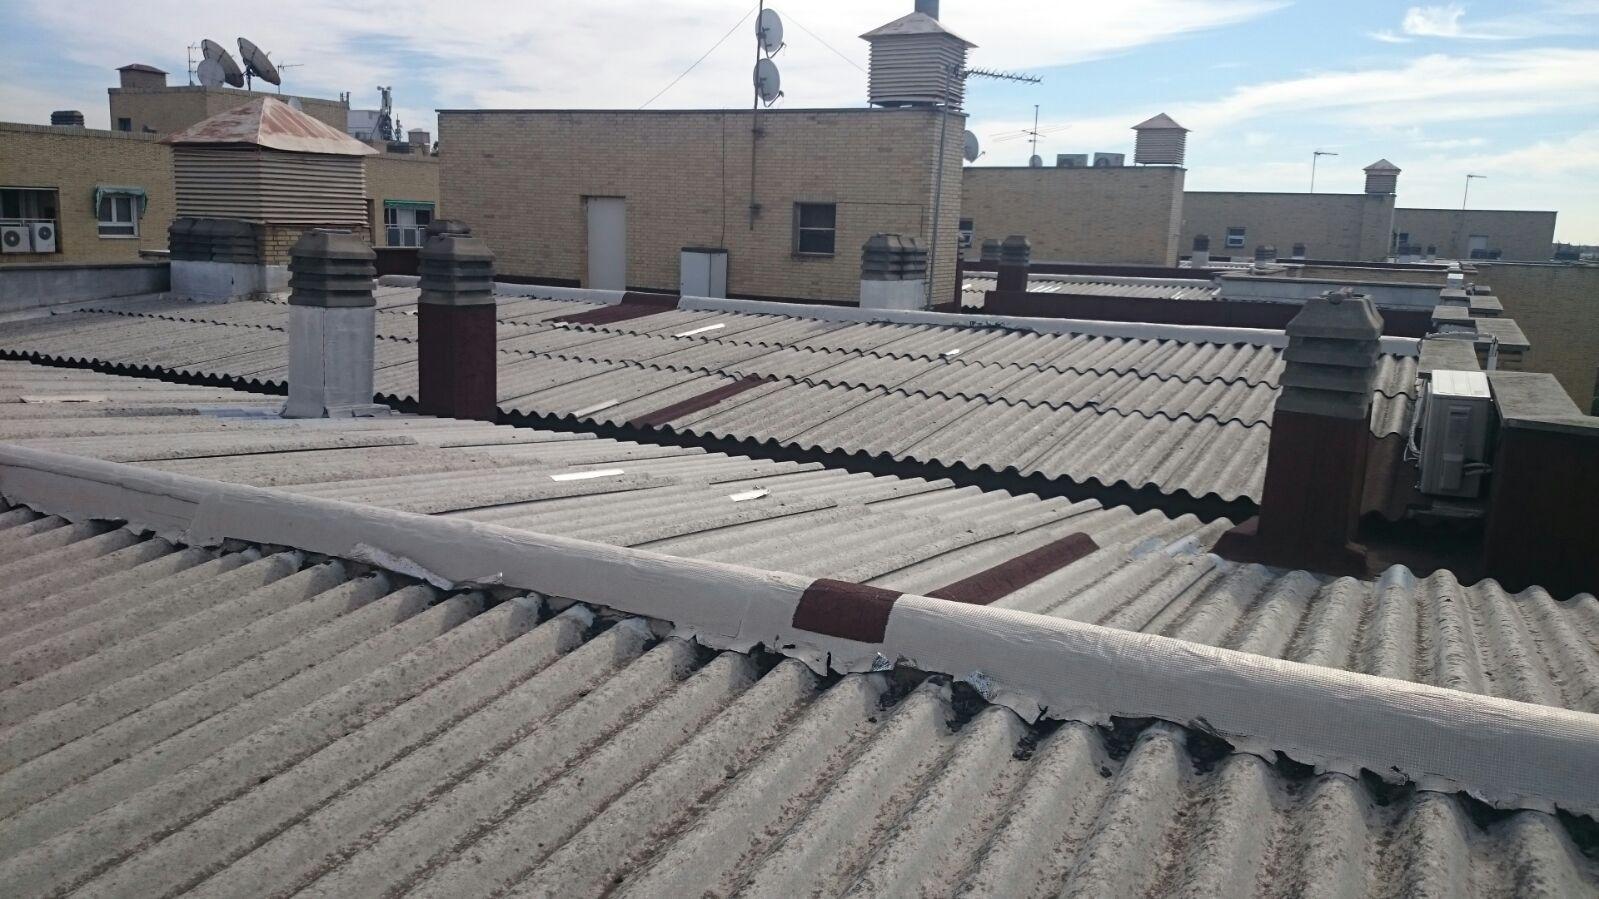 Foto 22 de Cubiertas y tejados en Leganés | Cubiertas Imperdur, S.L.